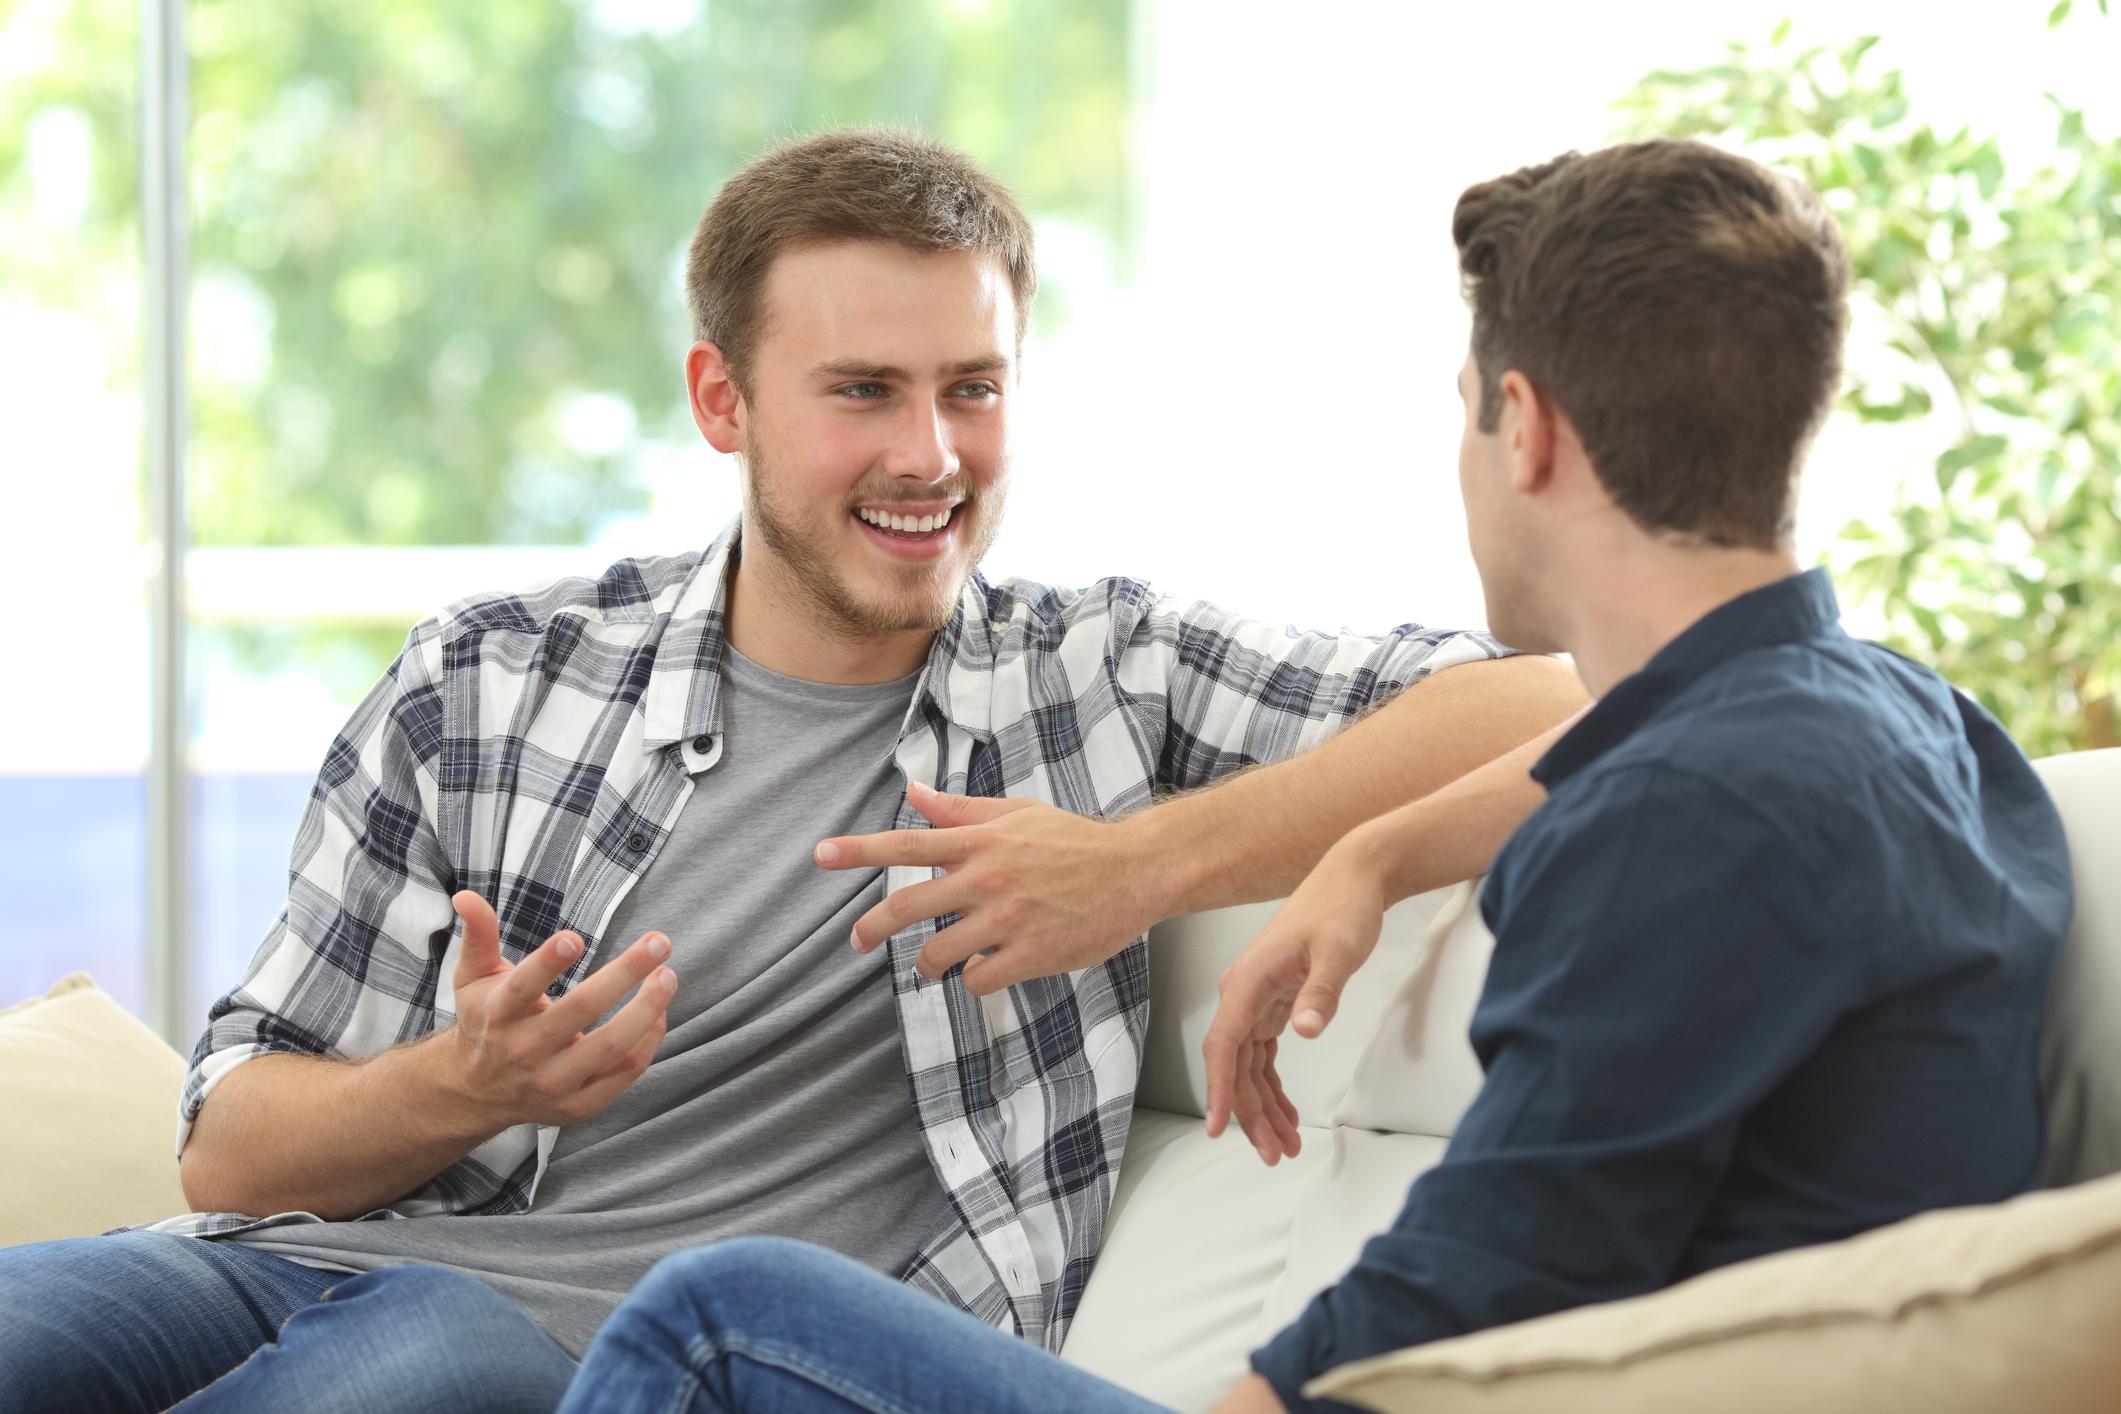 Бъдете добър слушател<br /> <br /> Качество, което в последните години по-скоро остава назад в отношенията. Изслушването граничи с изкуство. Ако усвоите това, то определено ще научите много новости.